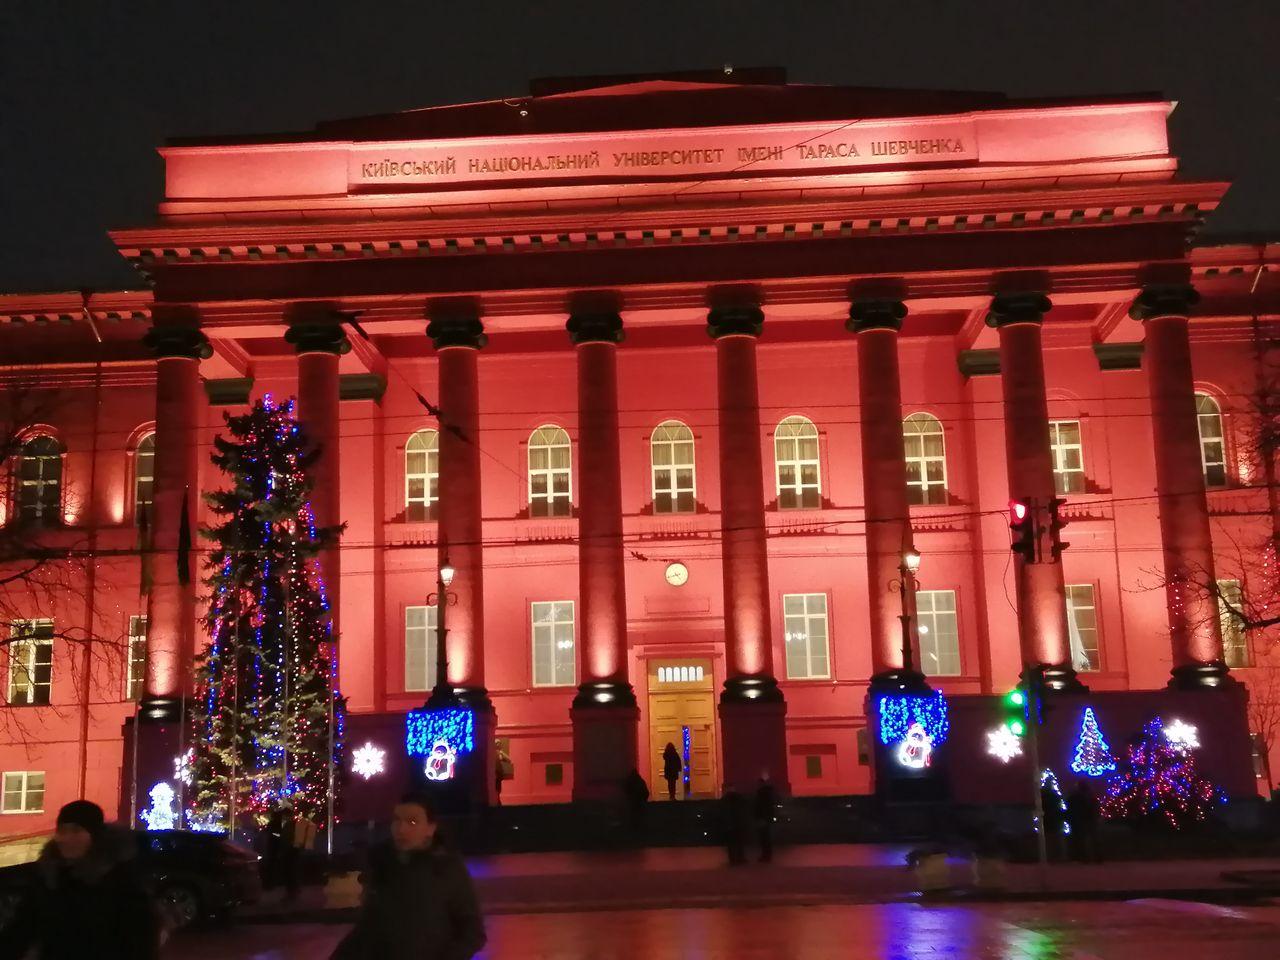 El edificio más antiguo de la Universidad de Kiev tiene una fachada roja muy llamativa.